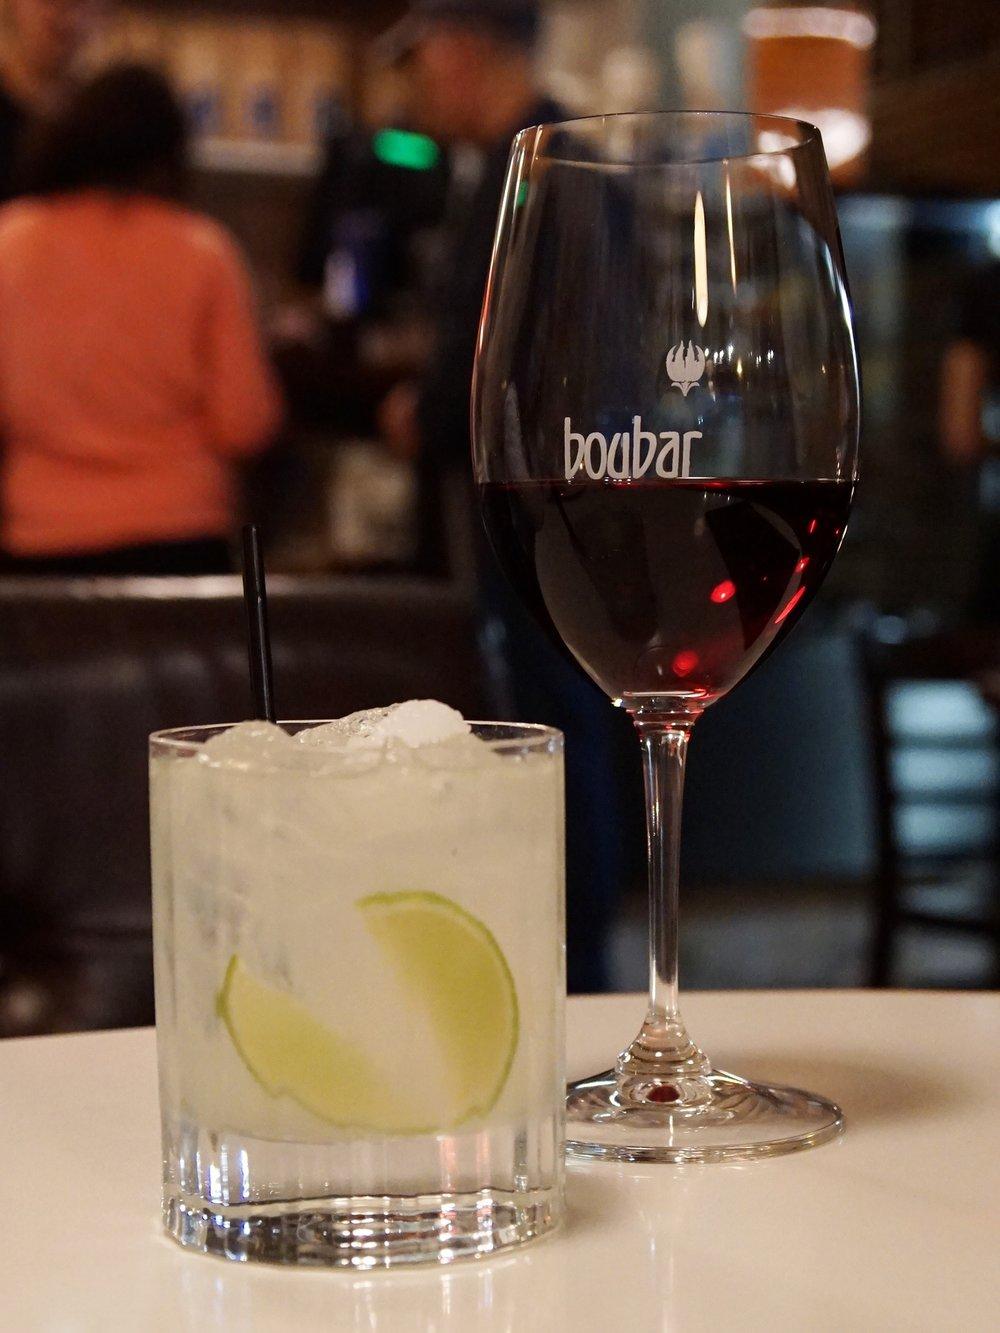 Boubar drinks